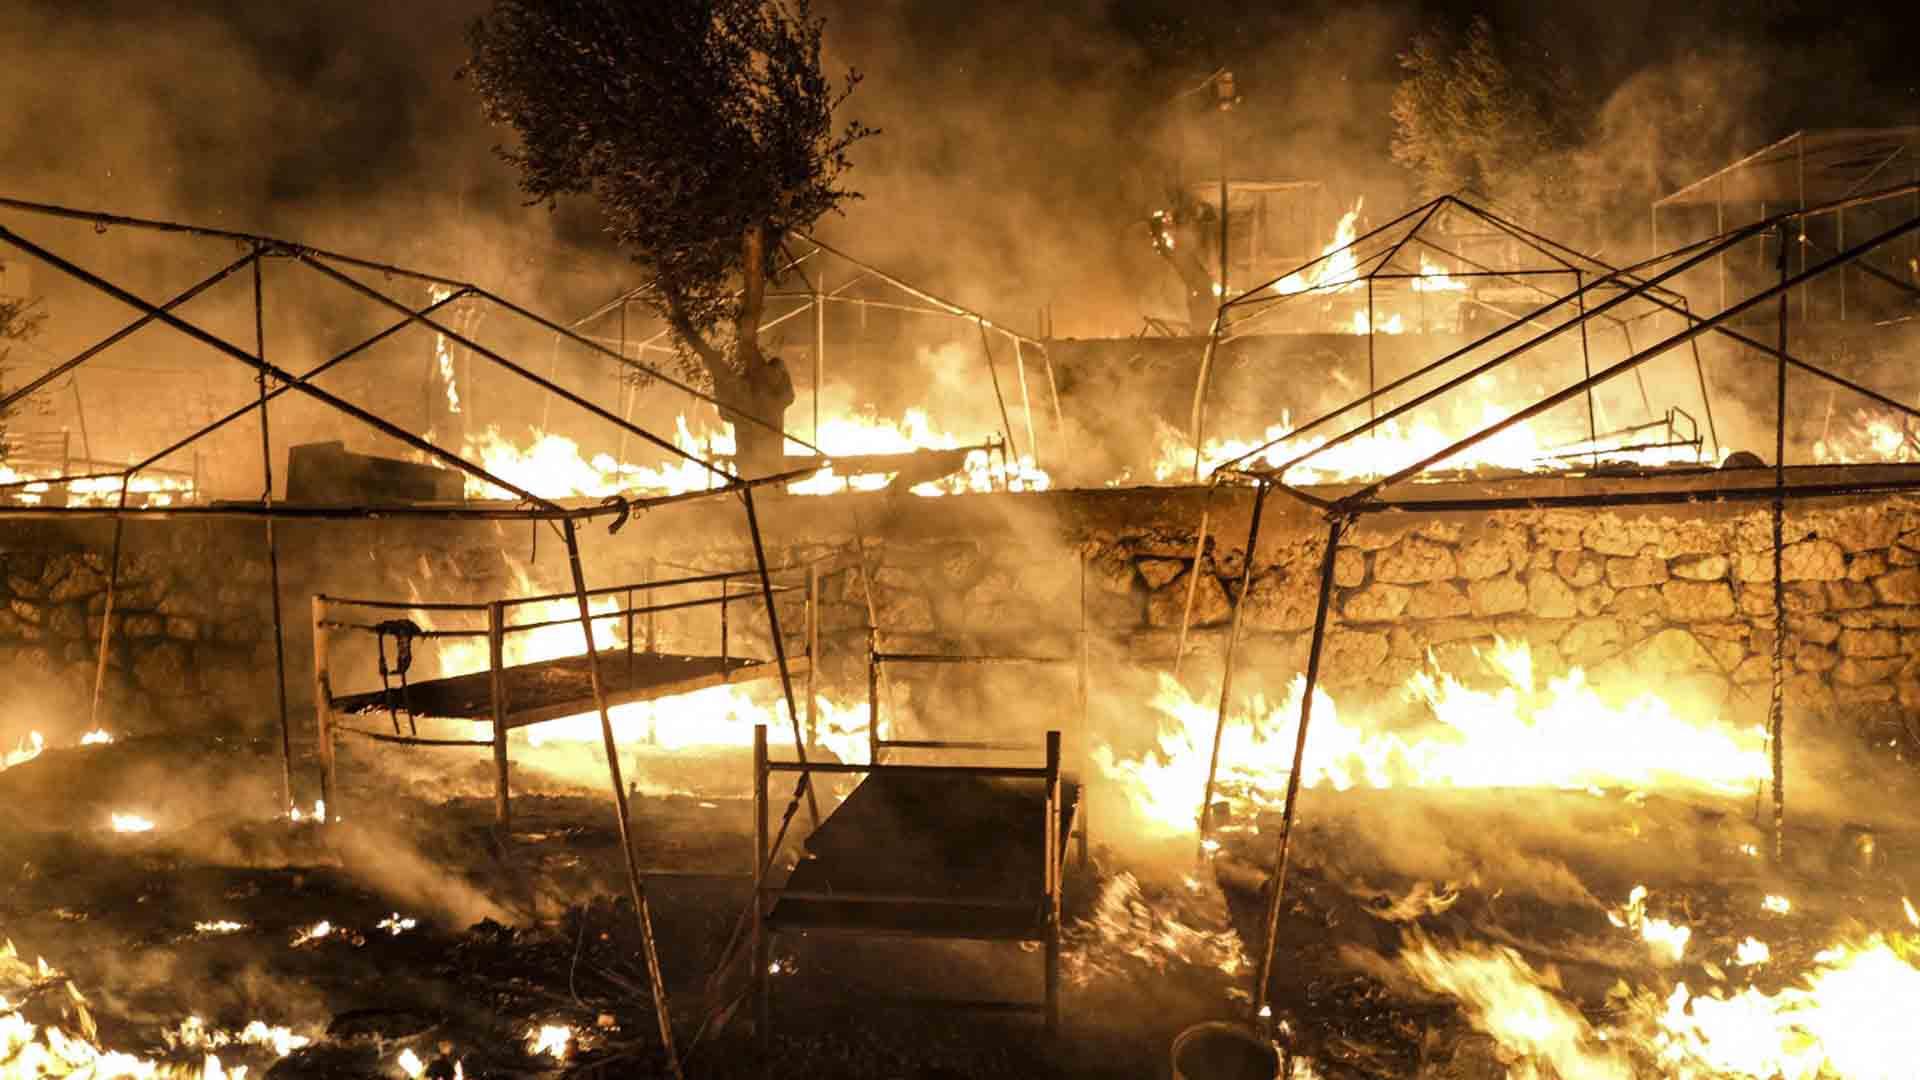 campo profughi grecia incendio